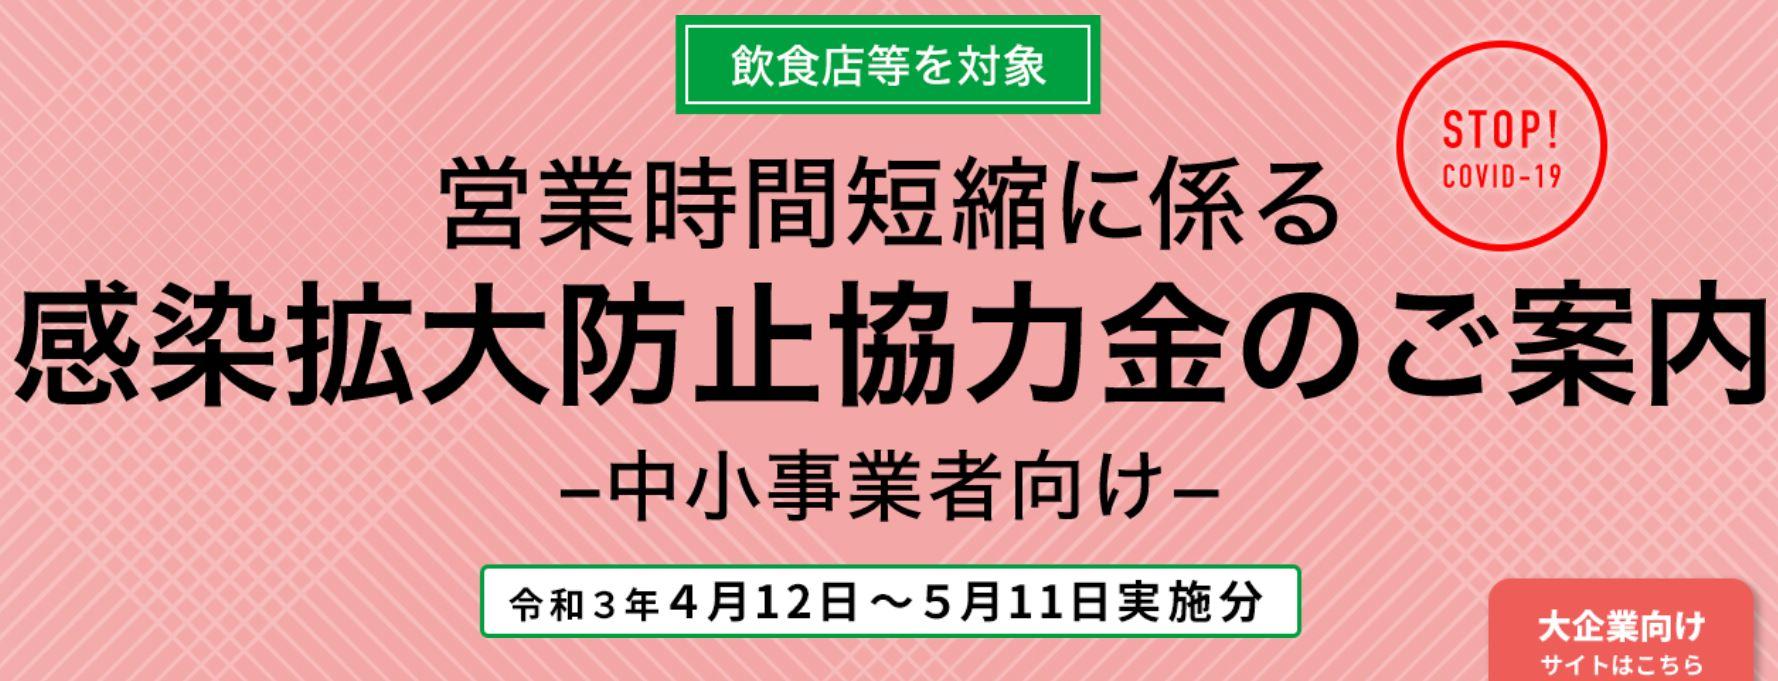 6/30開始!飲食店対象 東京都協力金4/12~5/11実施分申請受付